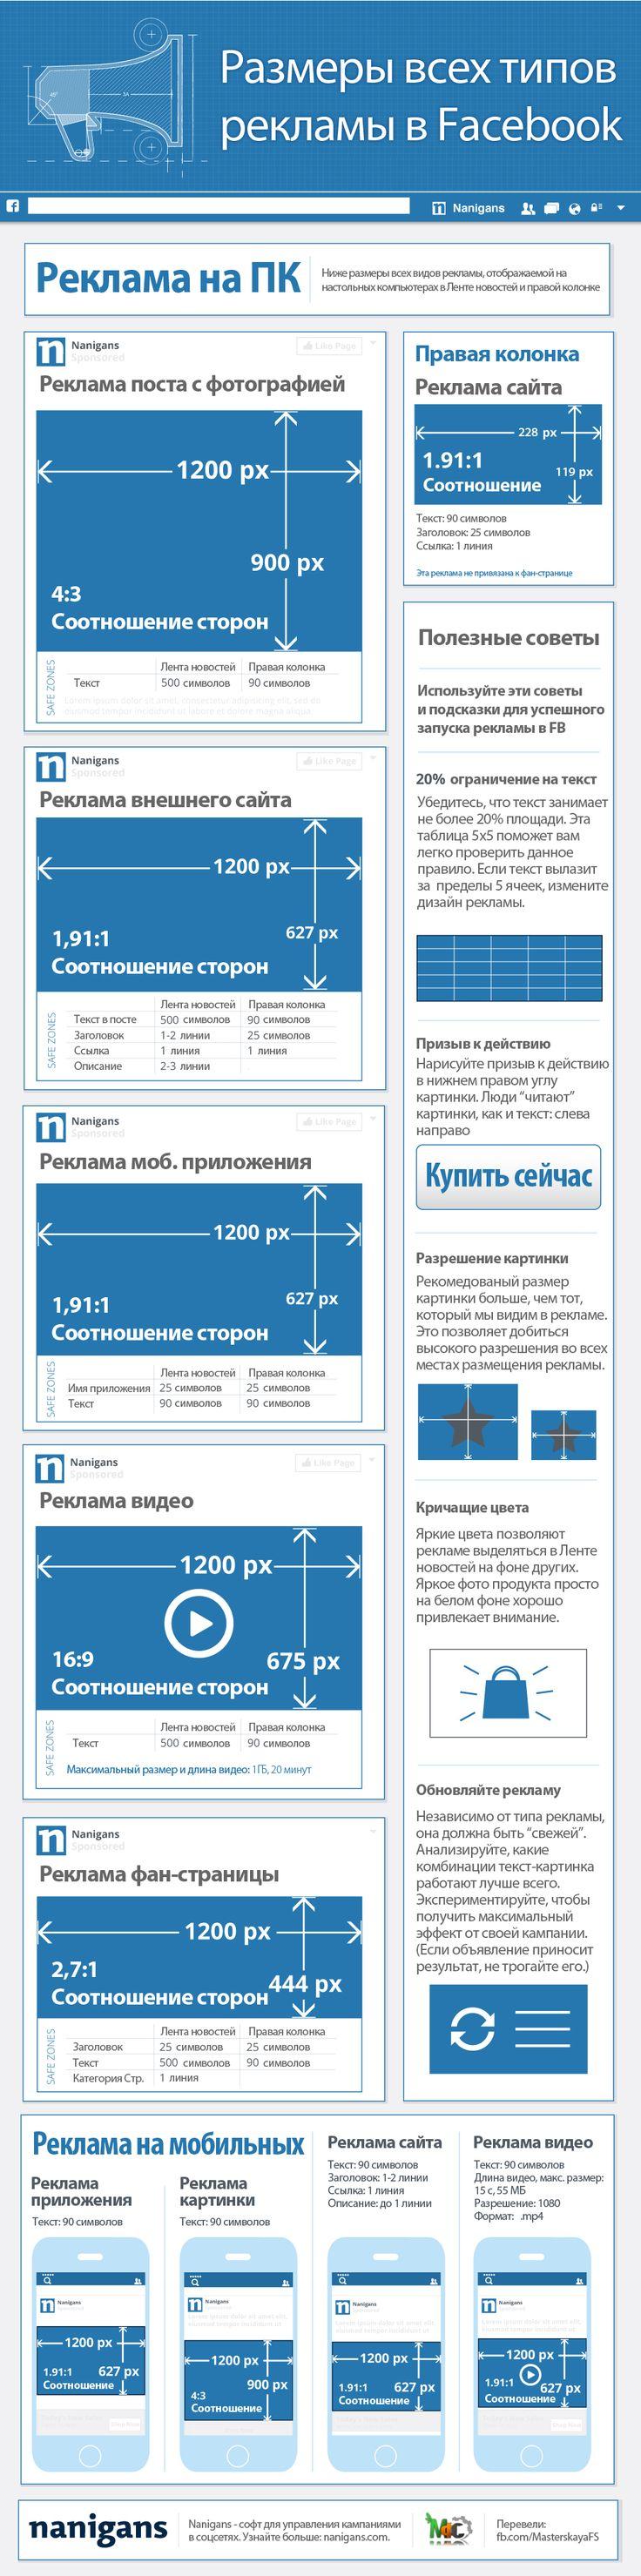 Размеры всех рекламных форматов на #Facebook http://www.masterskayafanstranic.com.ua/razmery-reklamnyx-kartinok-facebook/